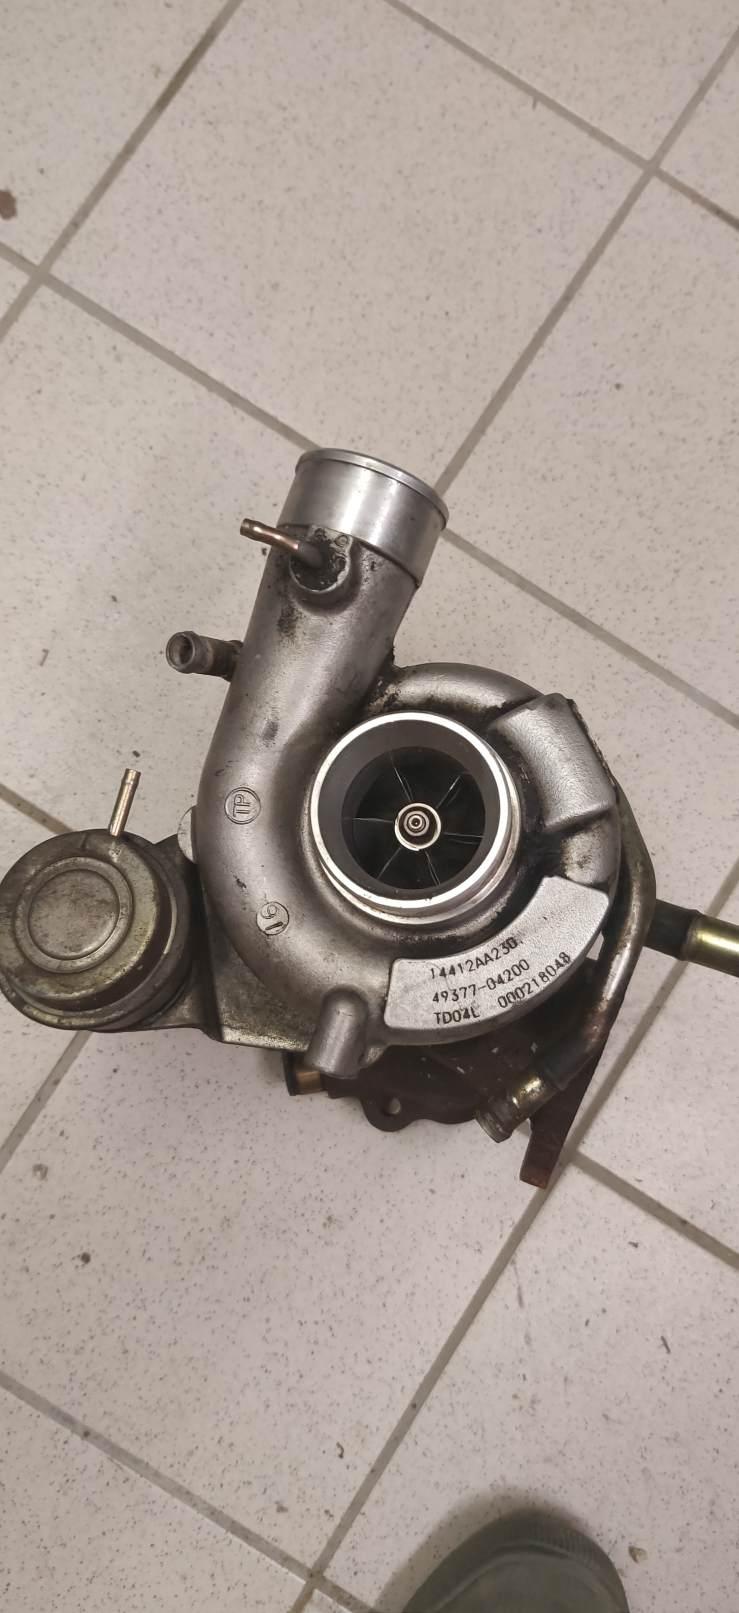 [Image: turboor1.jpg]